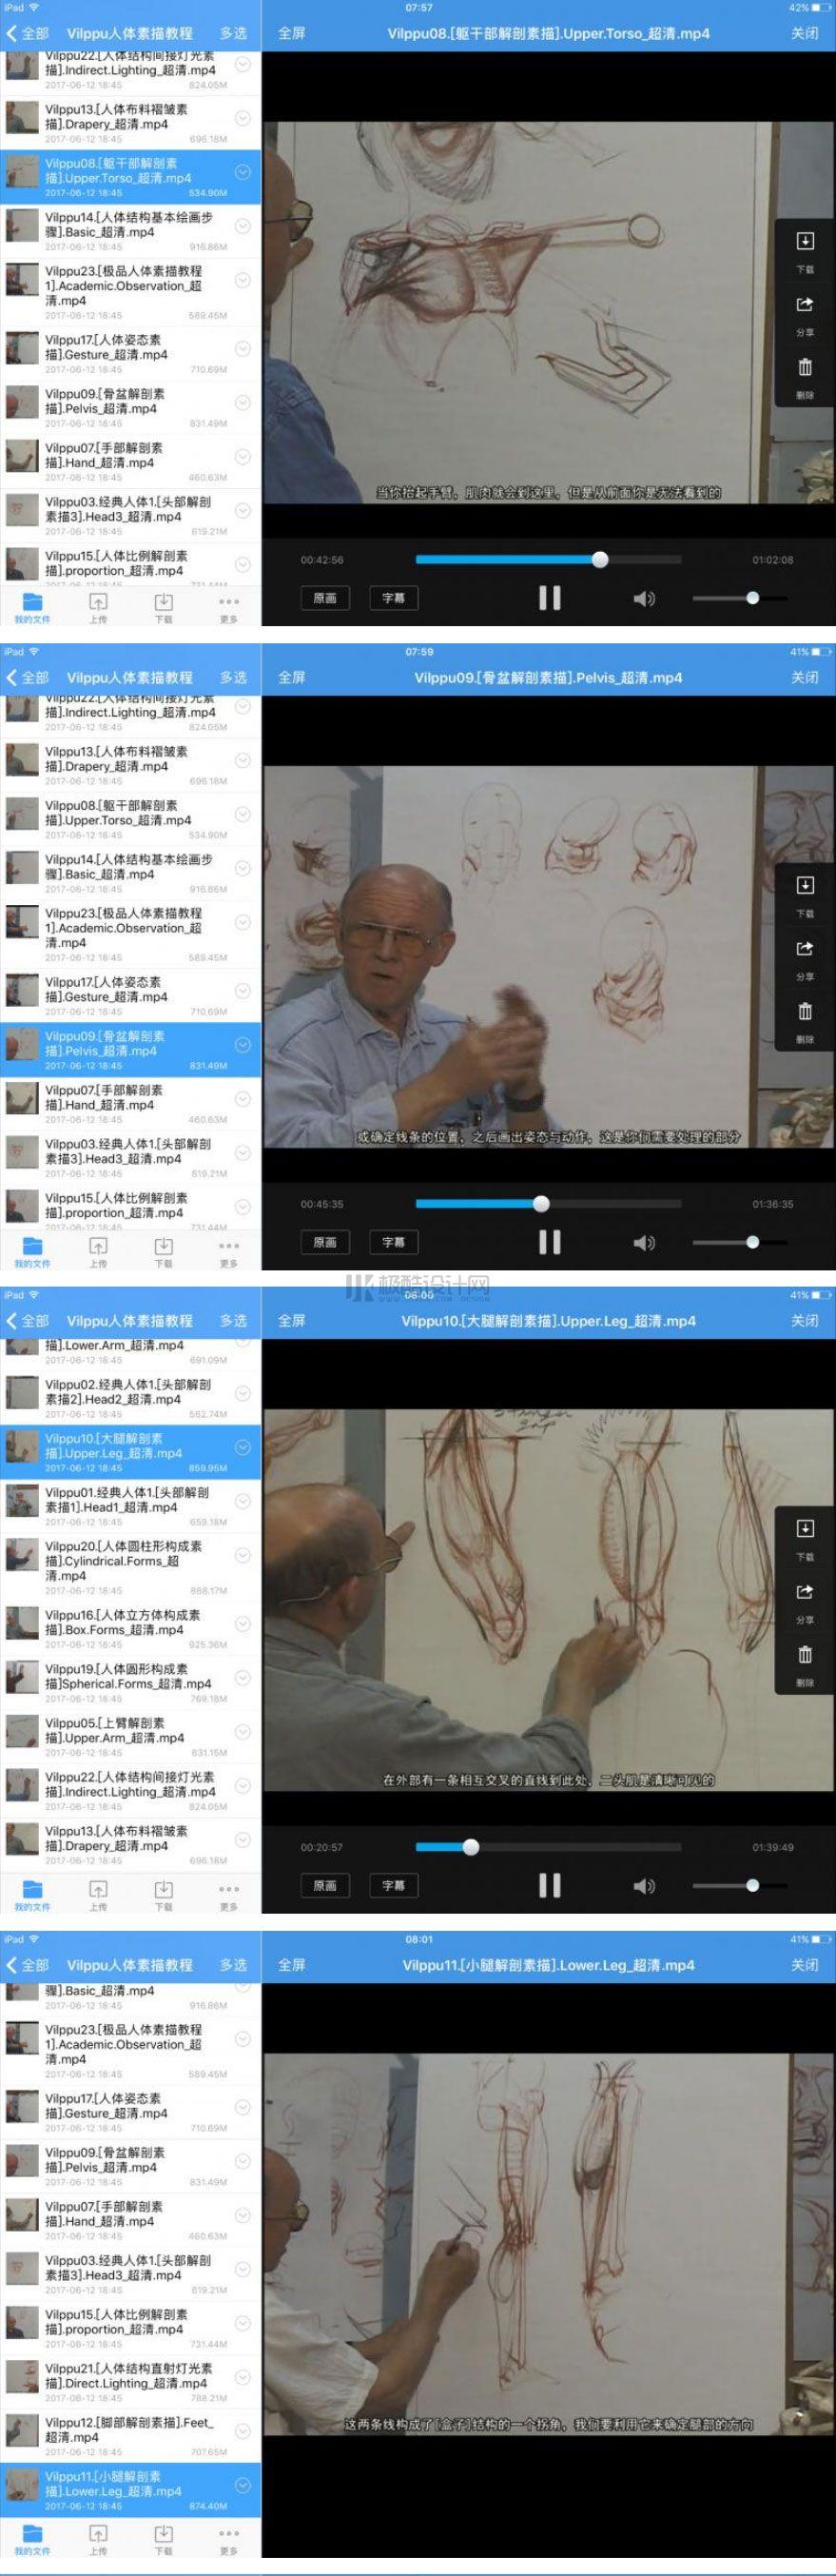 Glenn Vilppu人体结构素描解剖全集【人体素描视频教程-推荐】